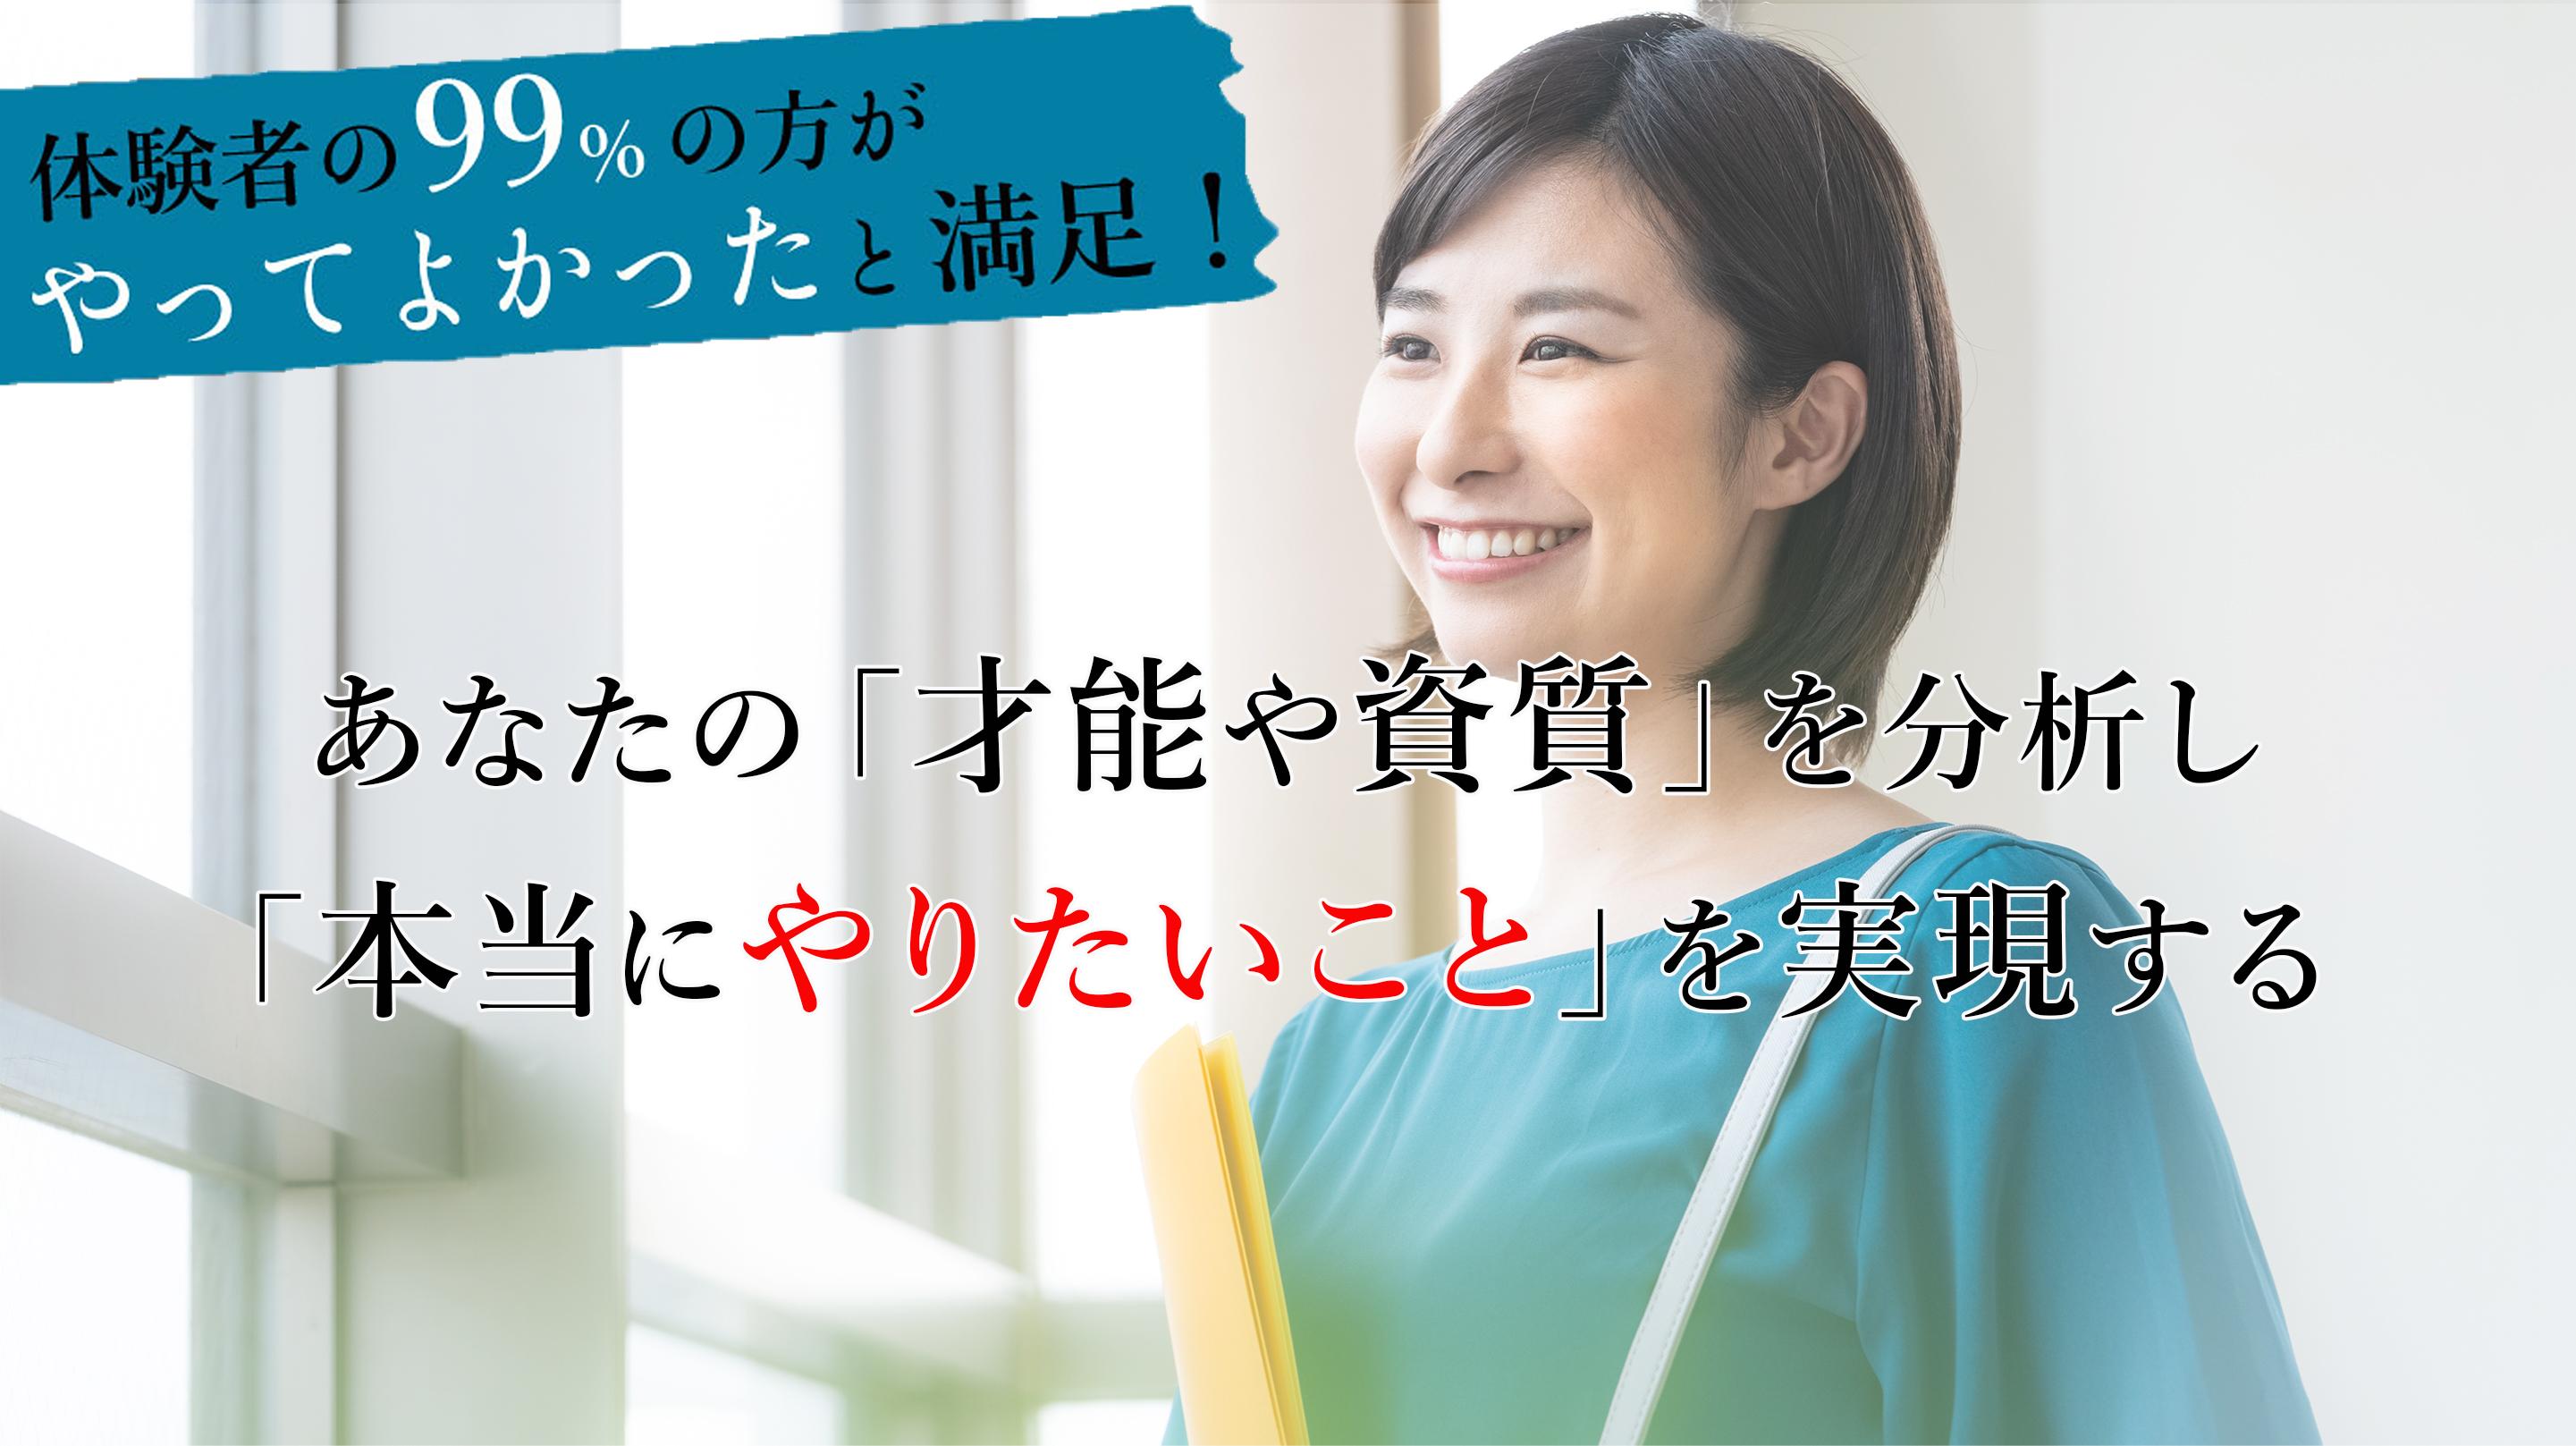 【告知】個人コンサルティングサービスのお知らせ